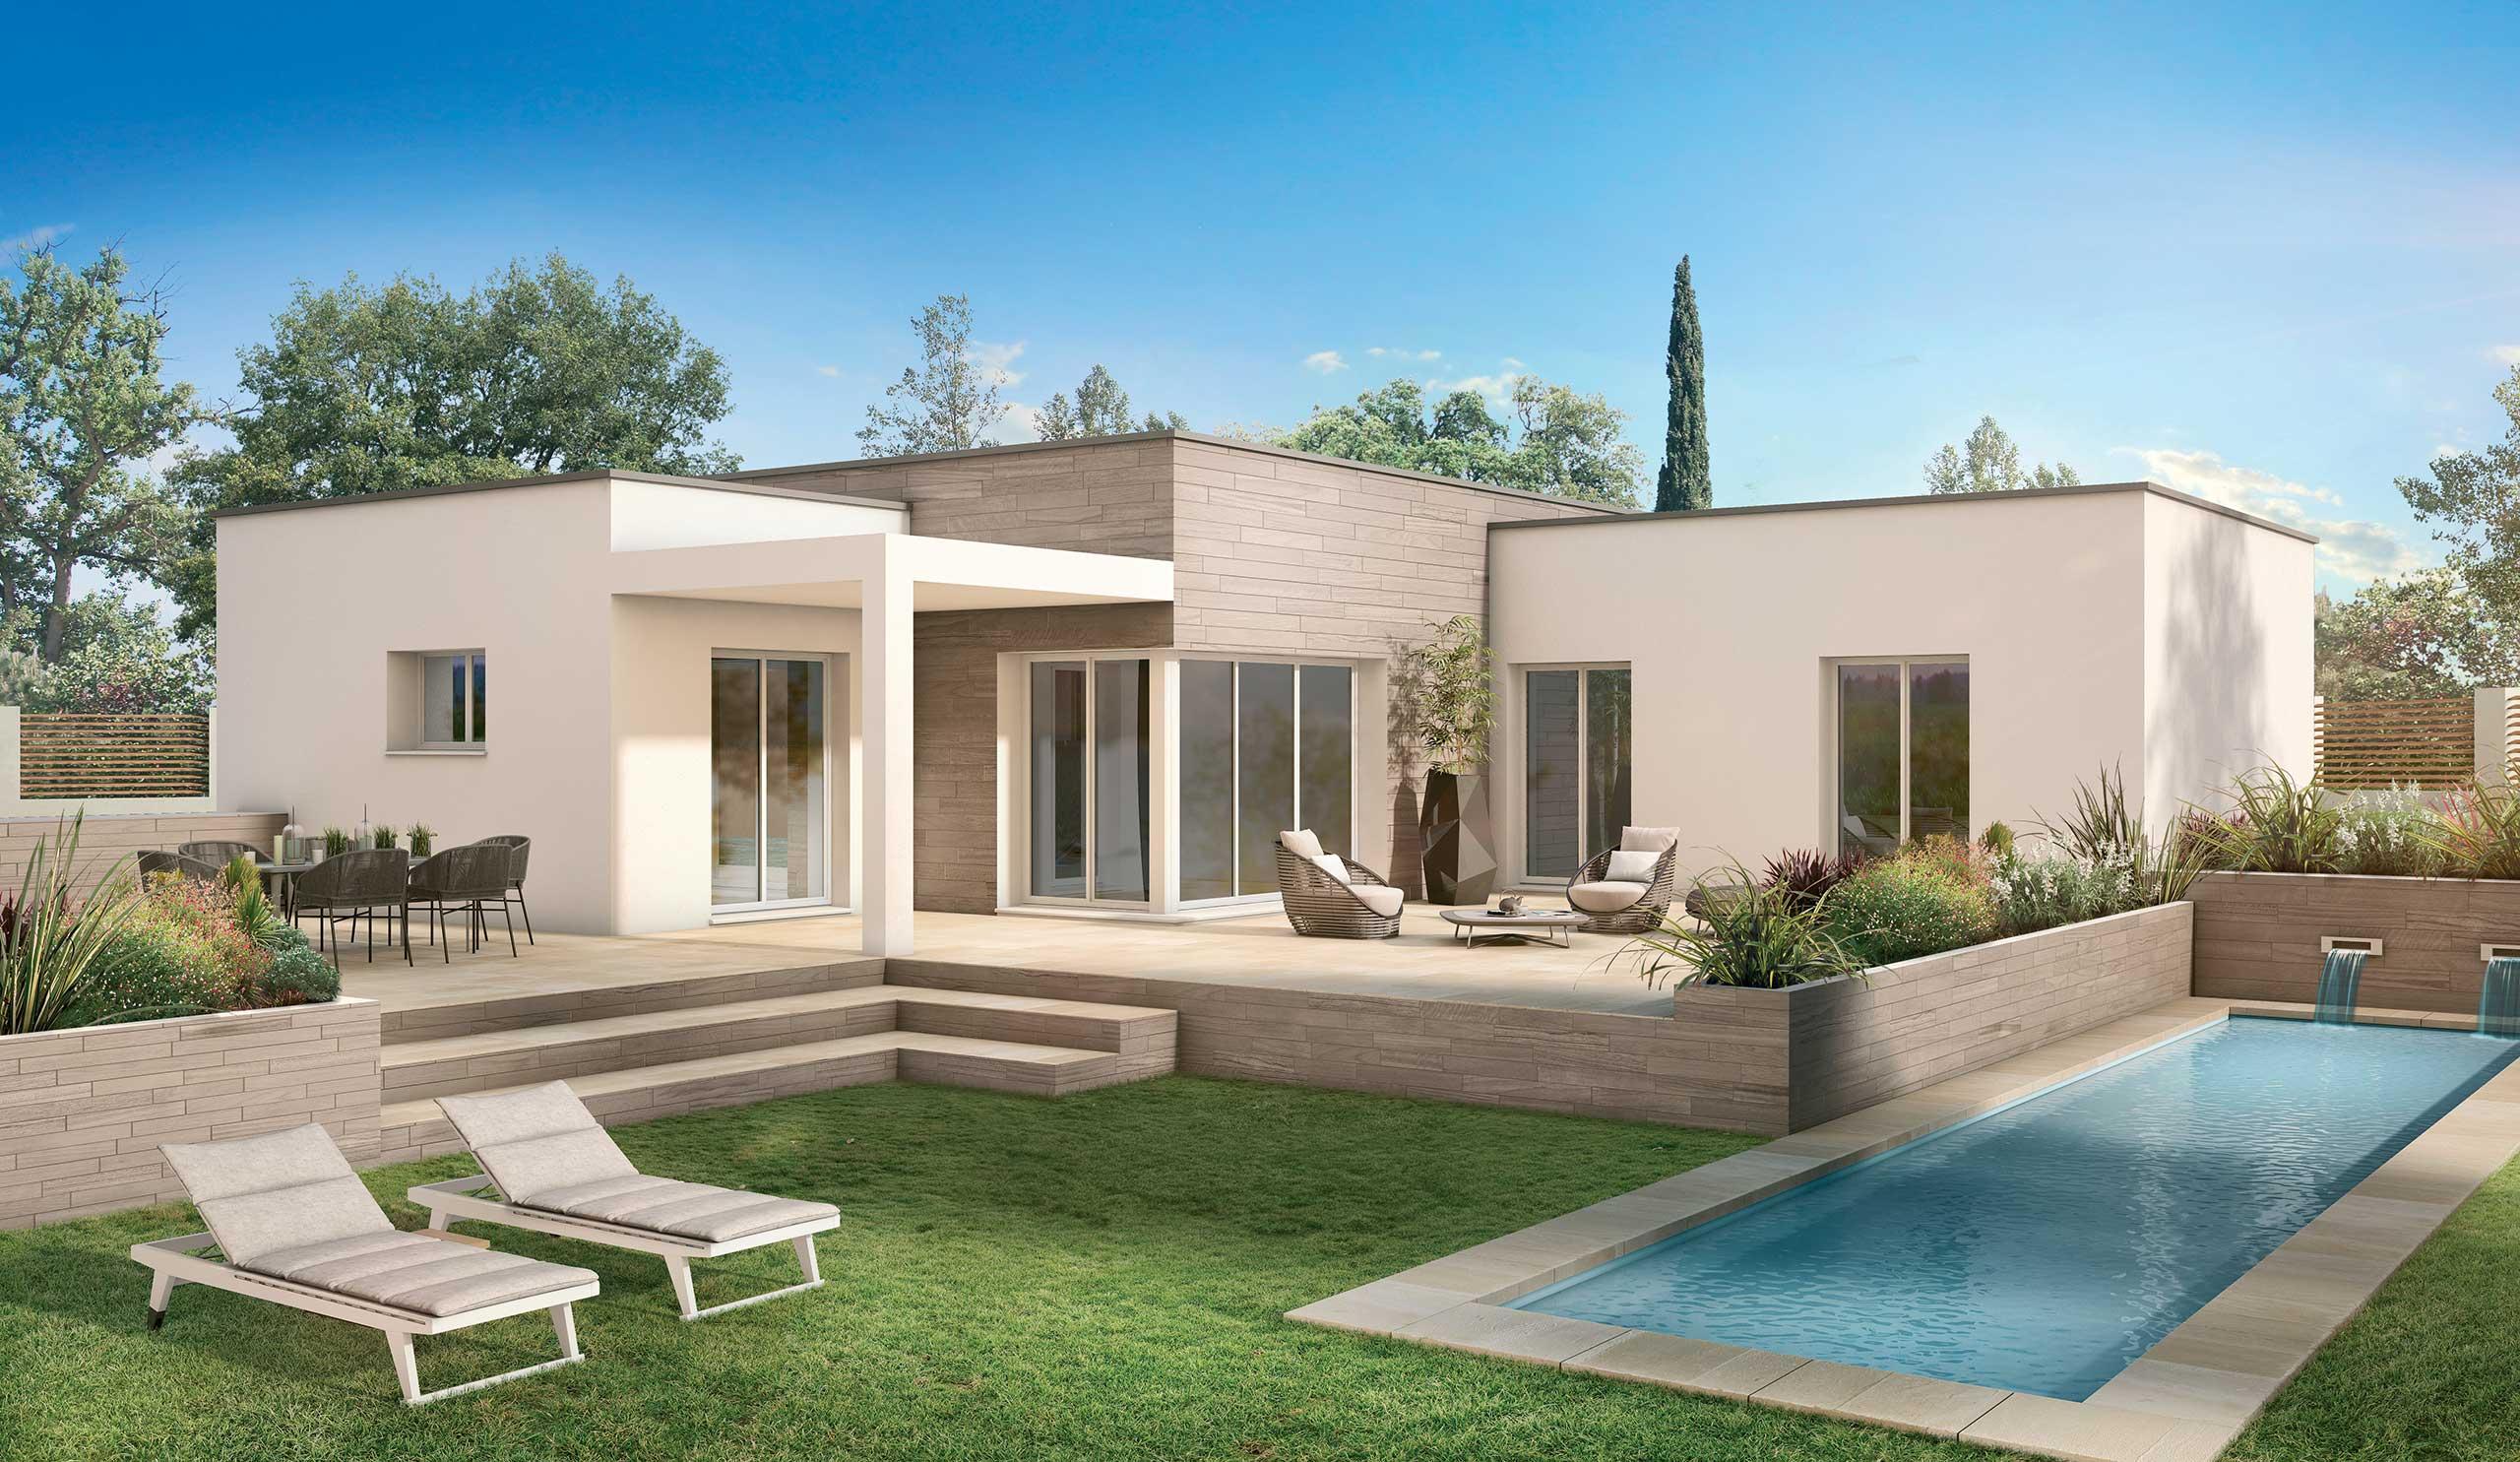 Maison Contemporaine Plain Pied Seringat Avec Plans Demeures D Occitanie Constructeur Maison Individuelle Occitanie Region Sud